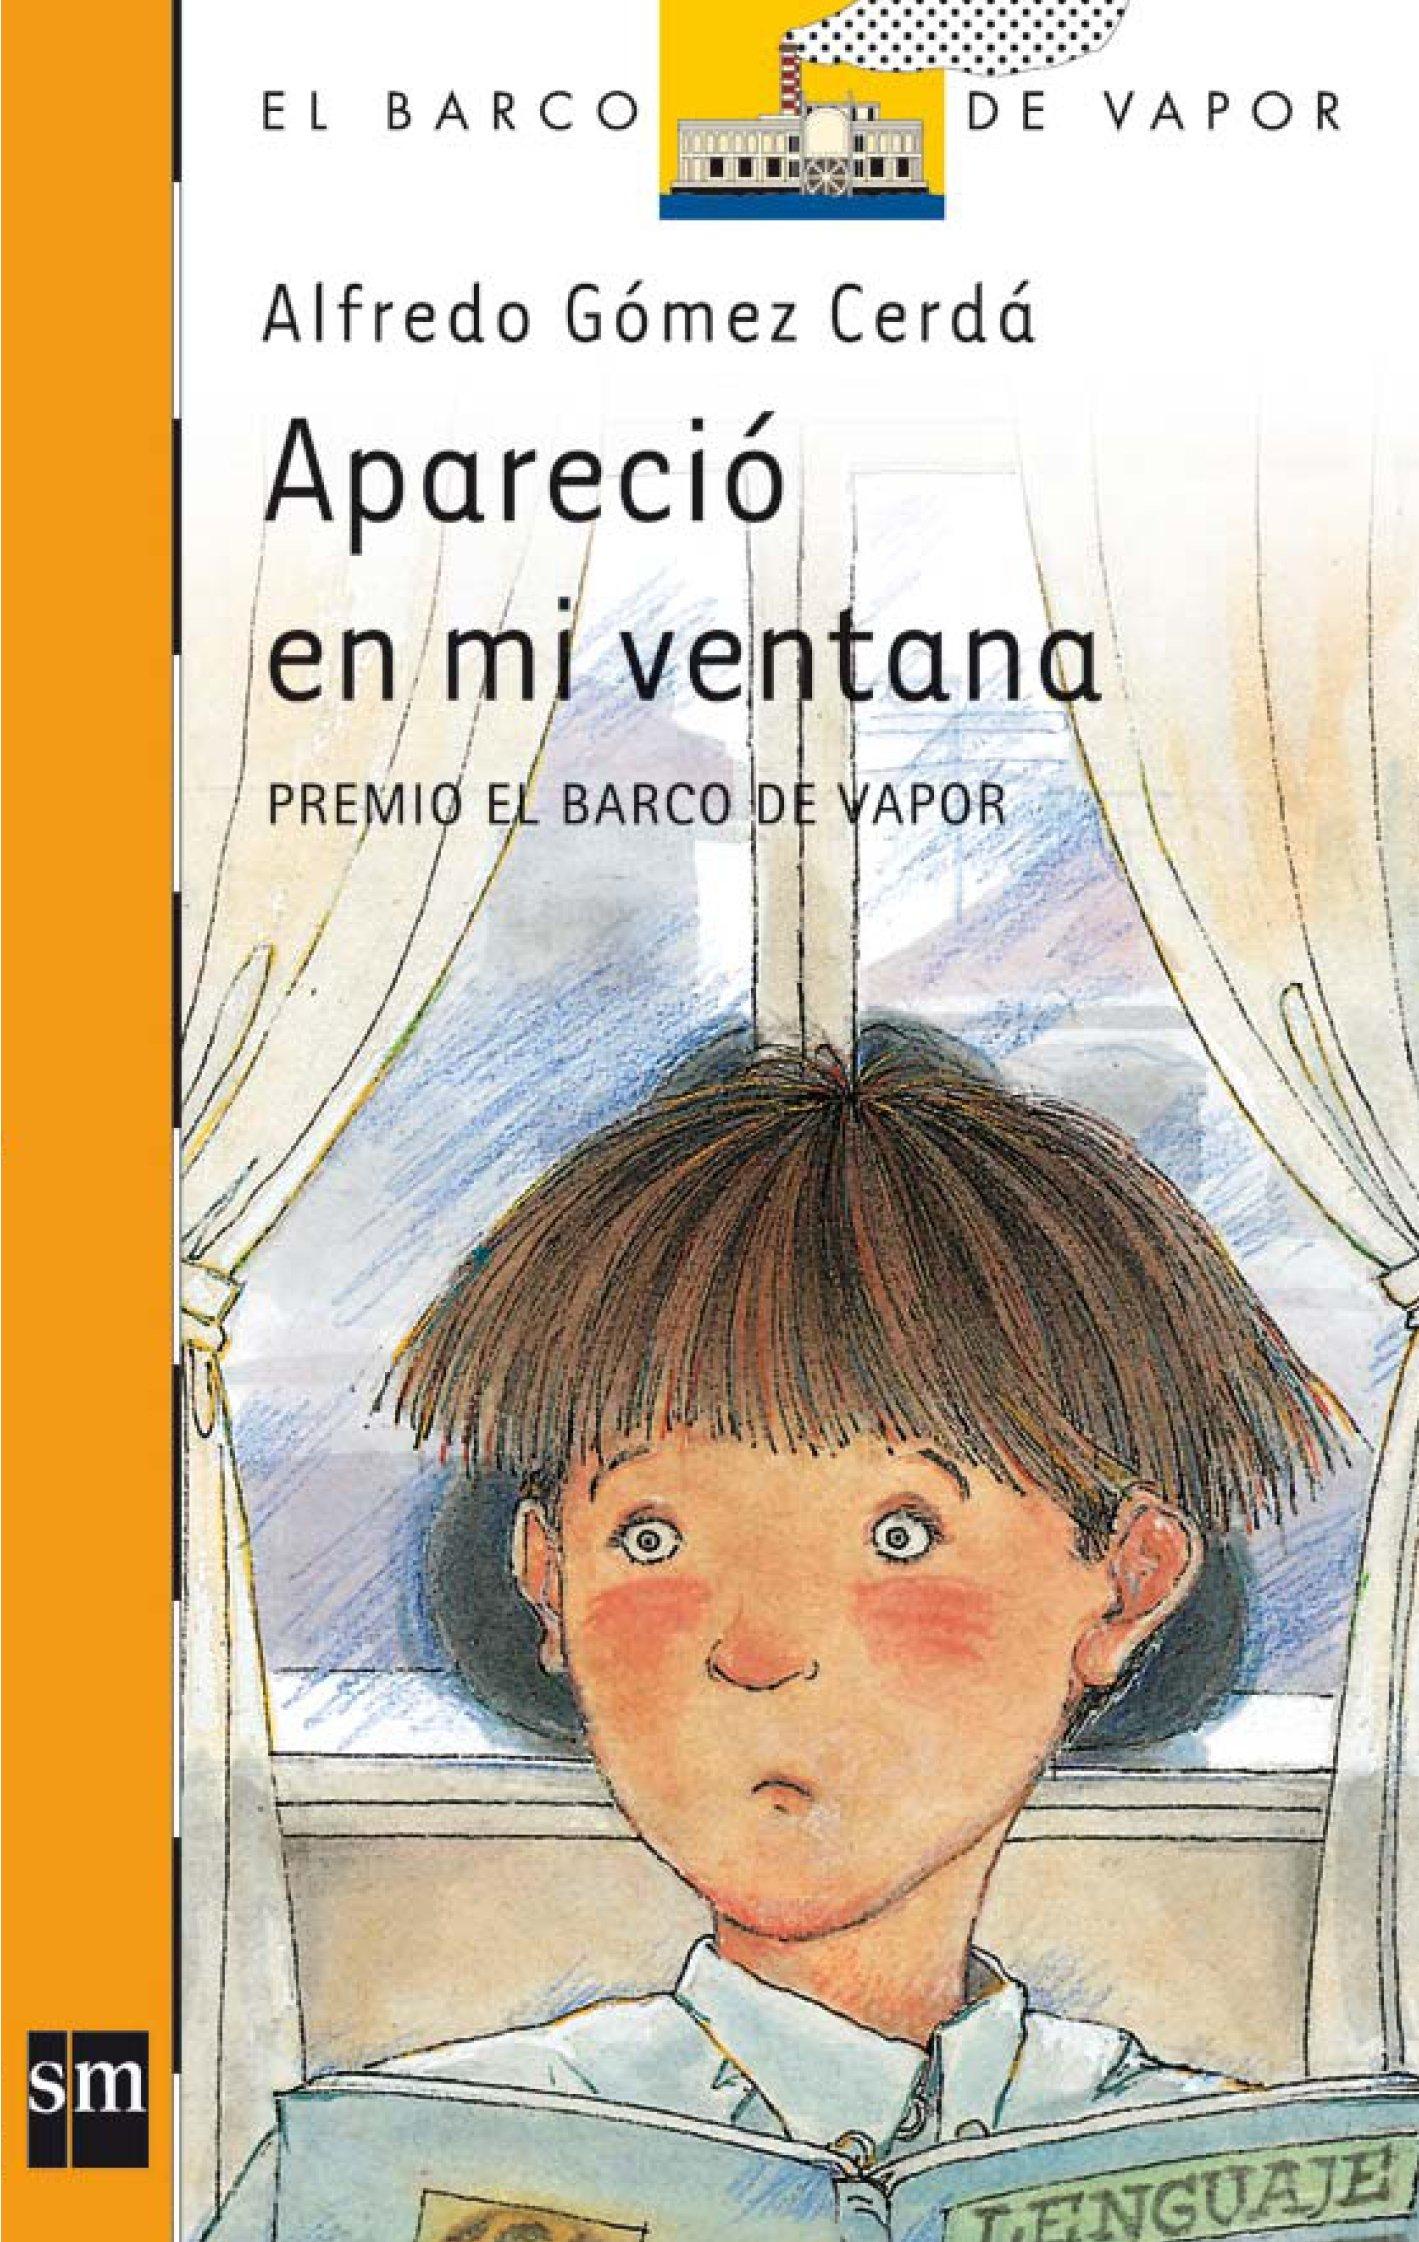 Apareció en mi ventana (El Barco de Vapor Naranja): Amazon.es: Alfredo Gómez Cerdá, Jesús Gabán Bravo: Libros